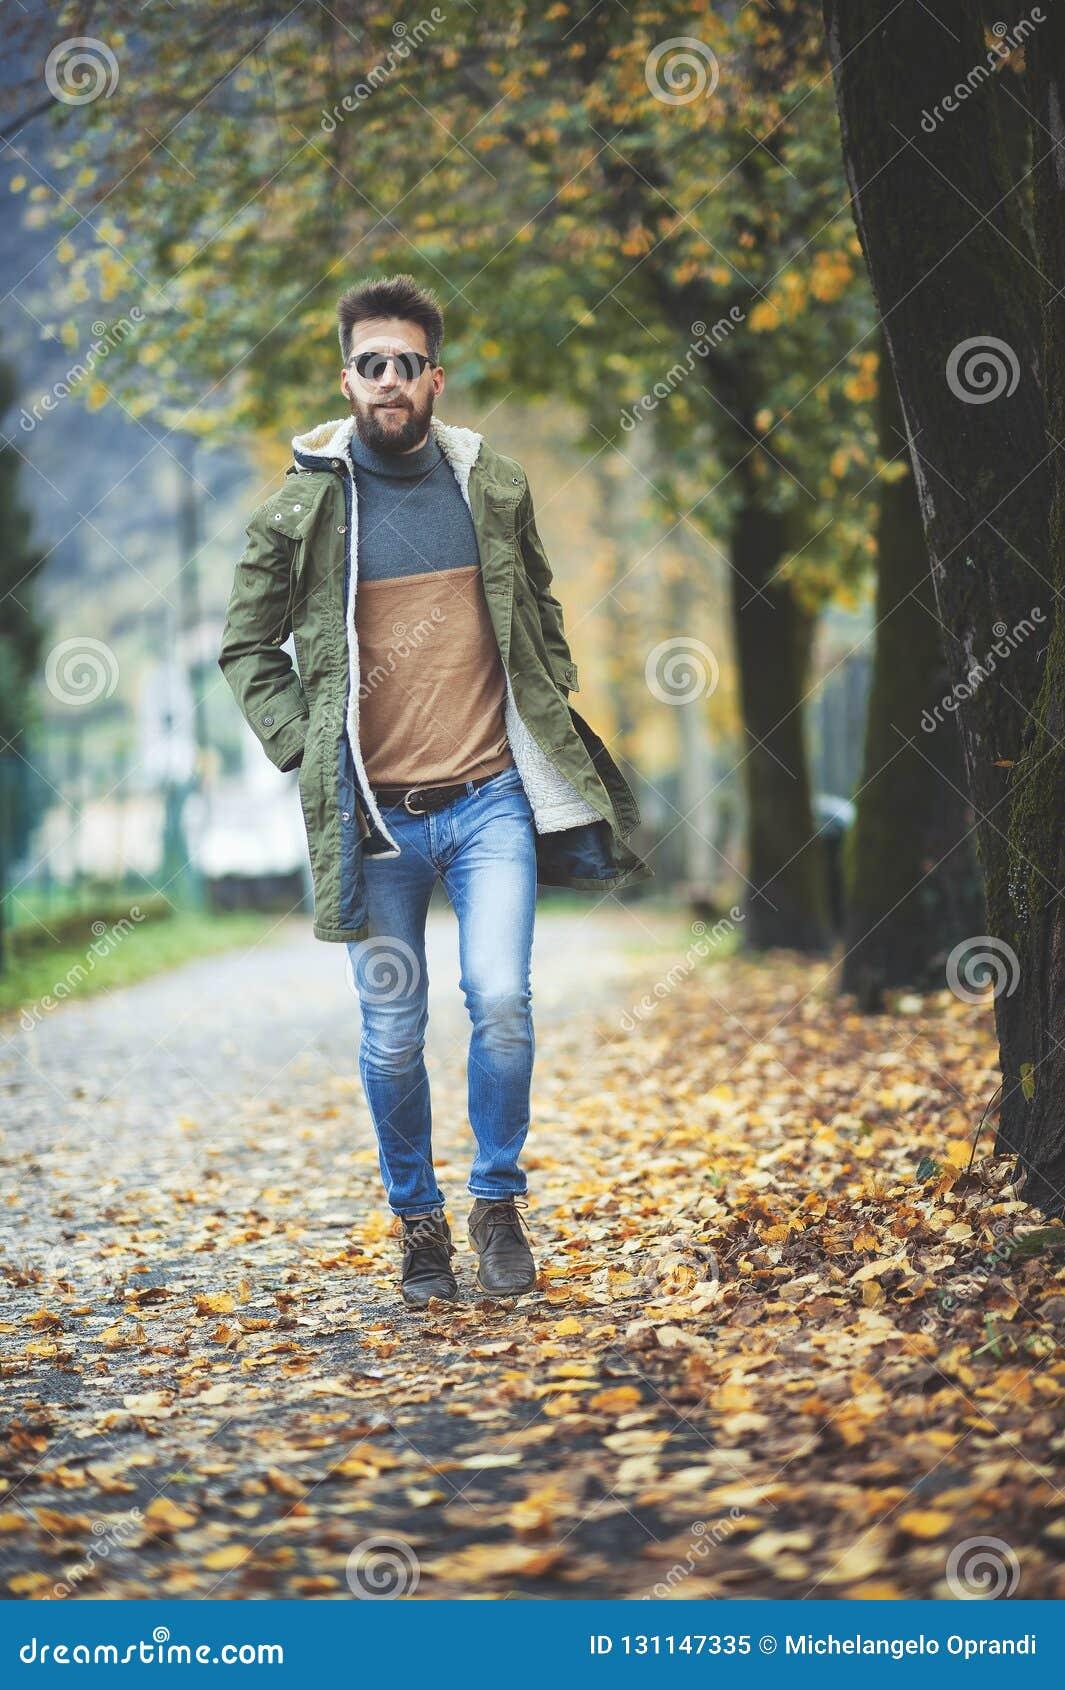 走在秋叶中的偶然嬉皮样式人